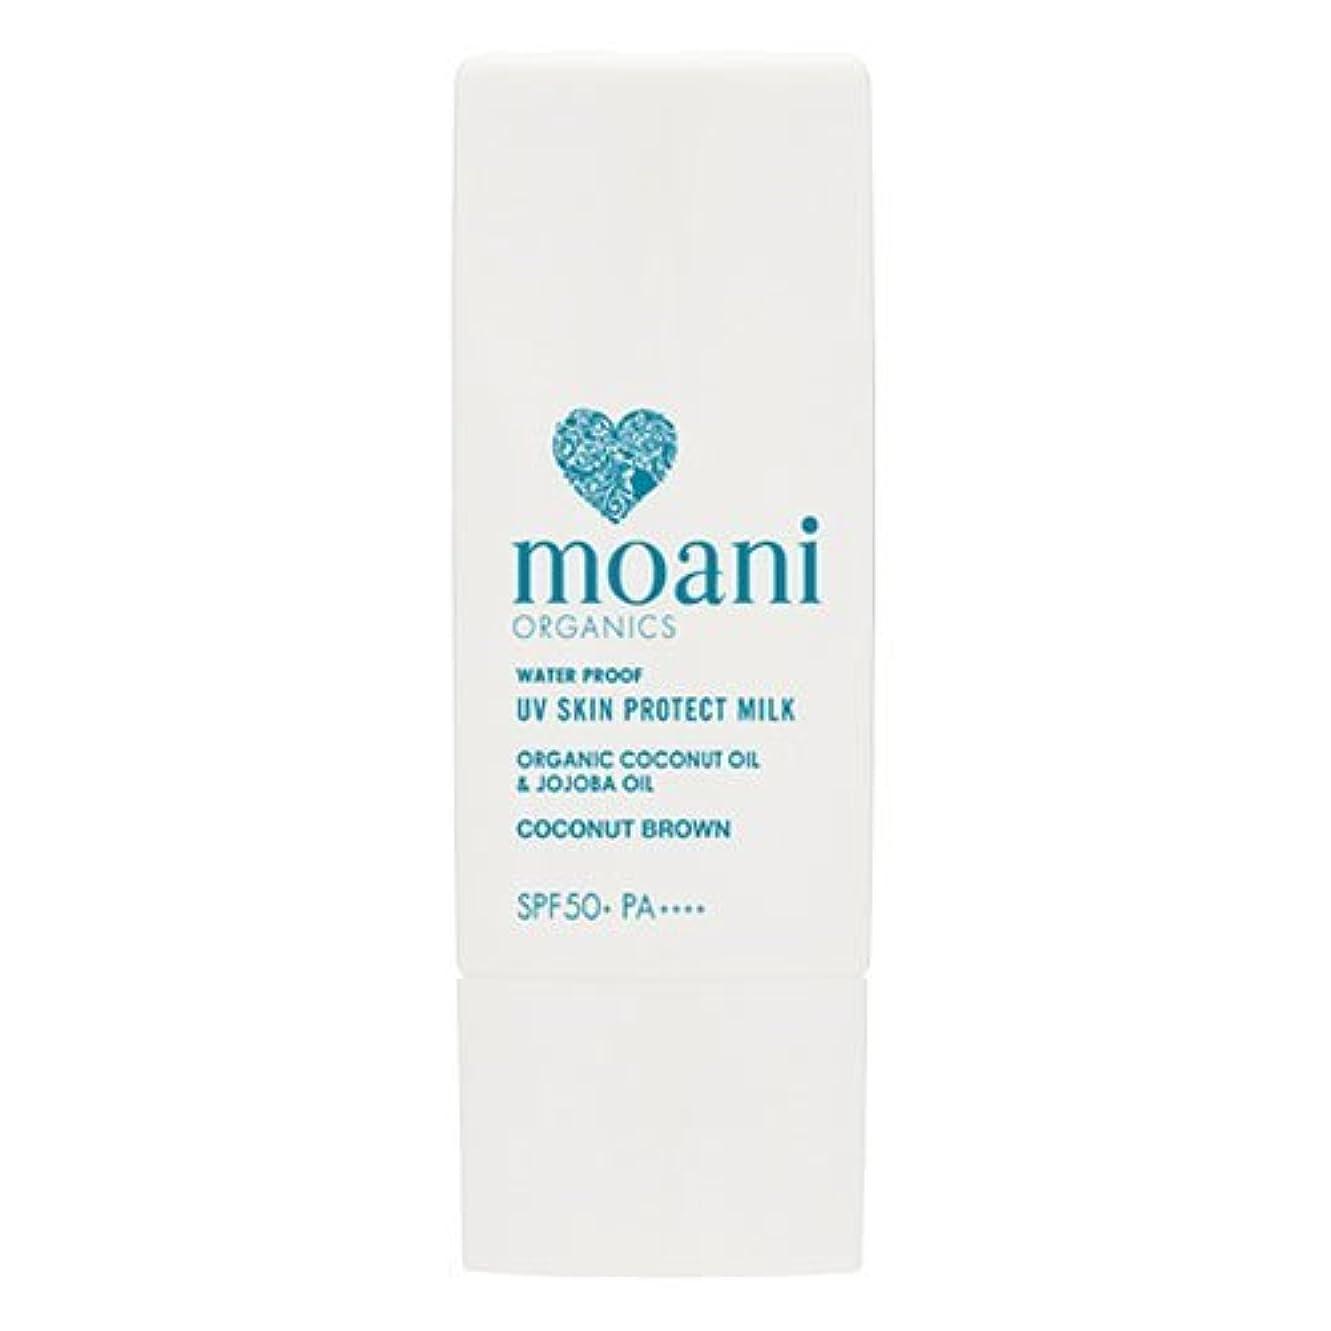 吸う告発者料理をするmoani organics UV SKIN PROTECT MILK coconut brown(顔用日焼け止め)